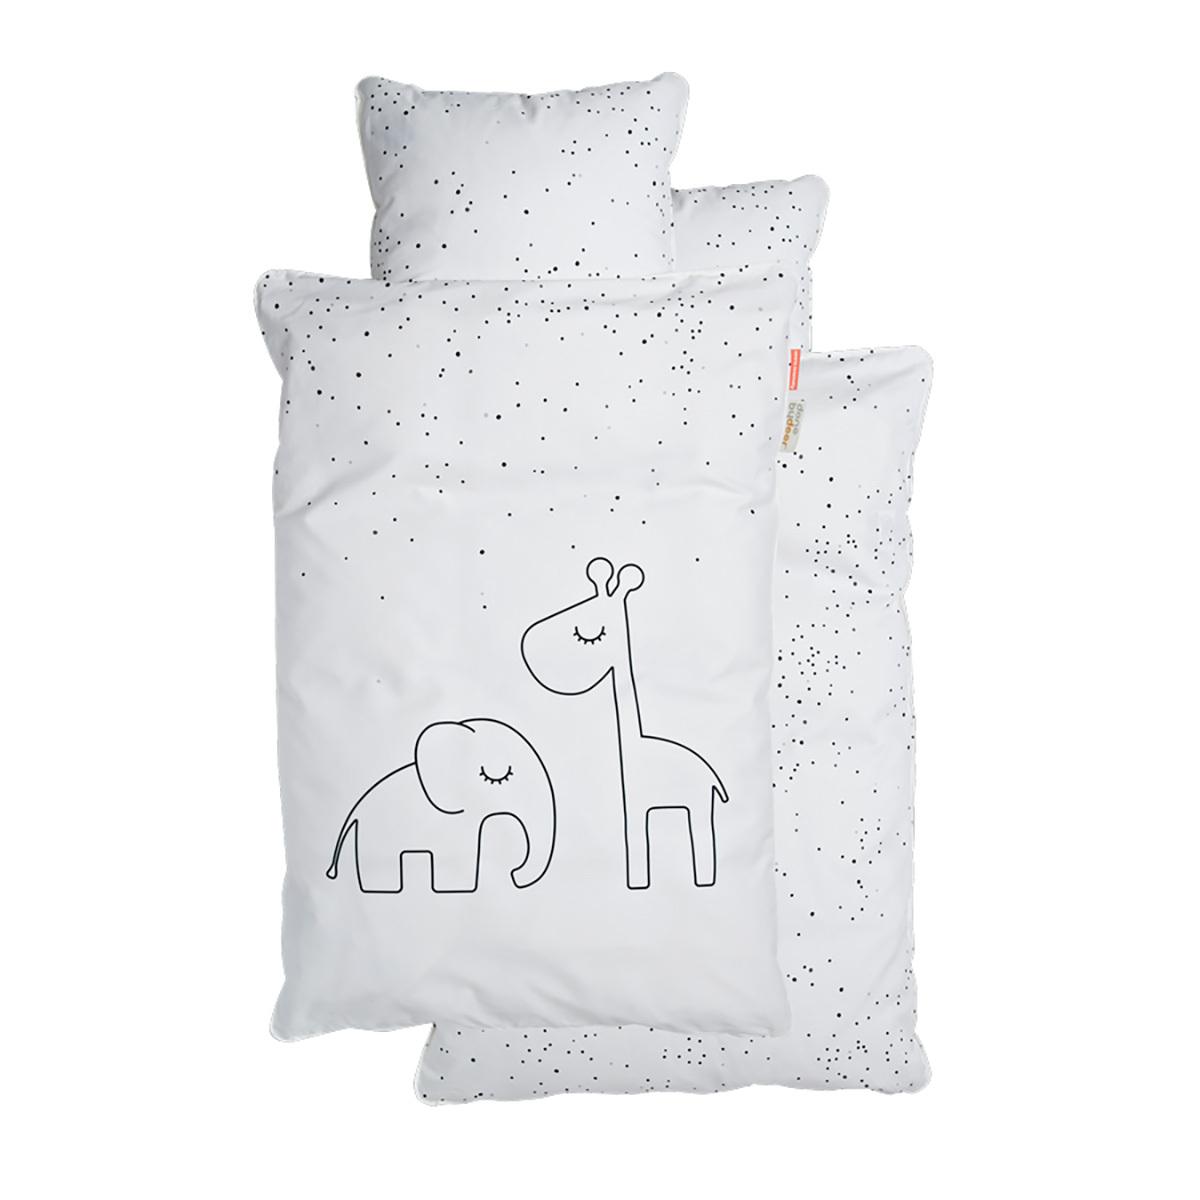 Linge de lit Parure Dreamy Dots Blanc - 100 x 140 cm Parure Dreamy Dots Blanc - 100 x 140 cm